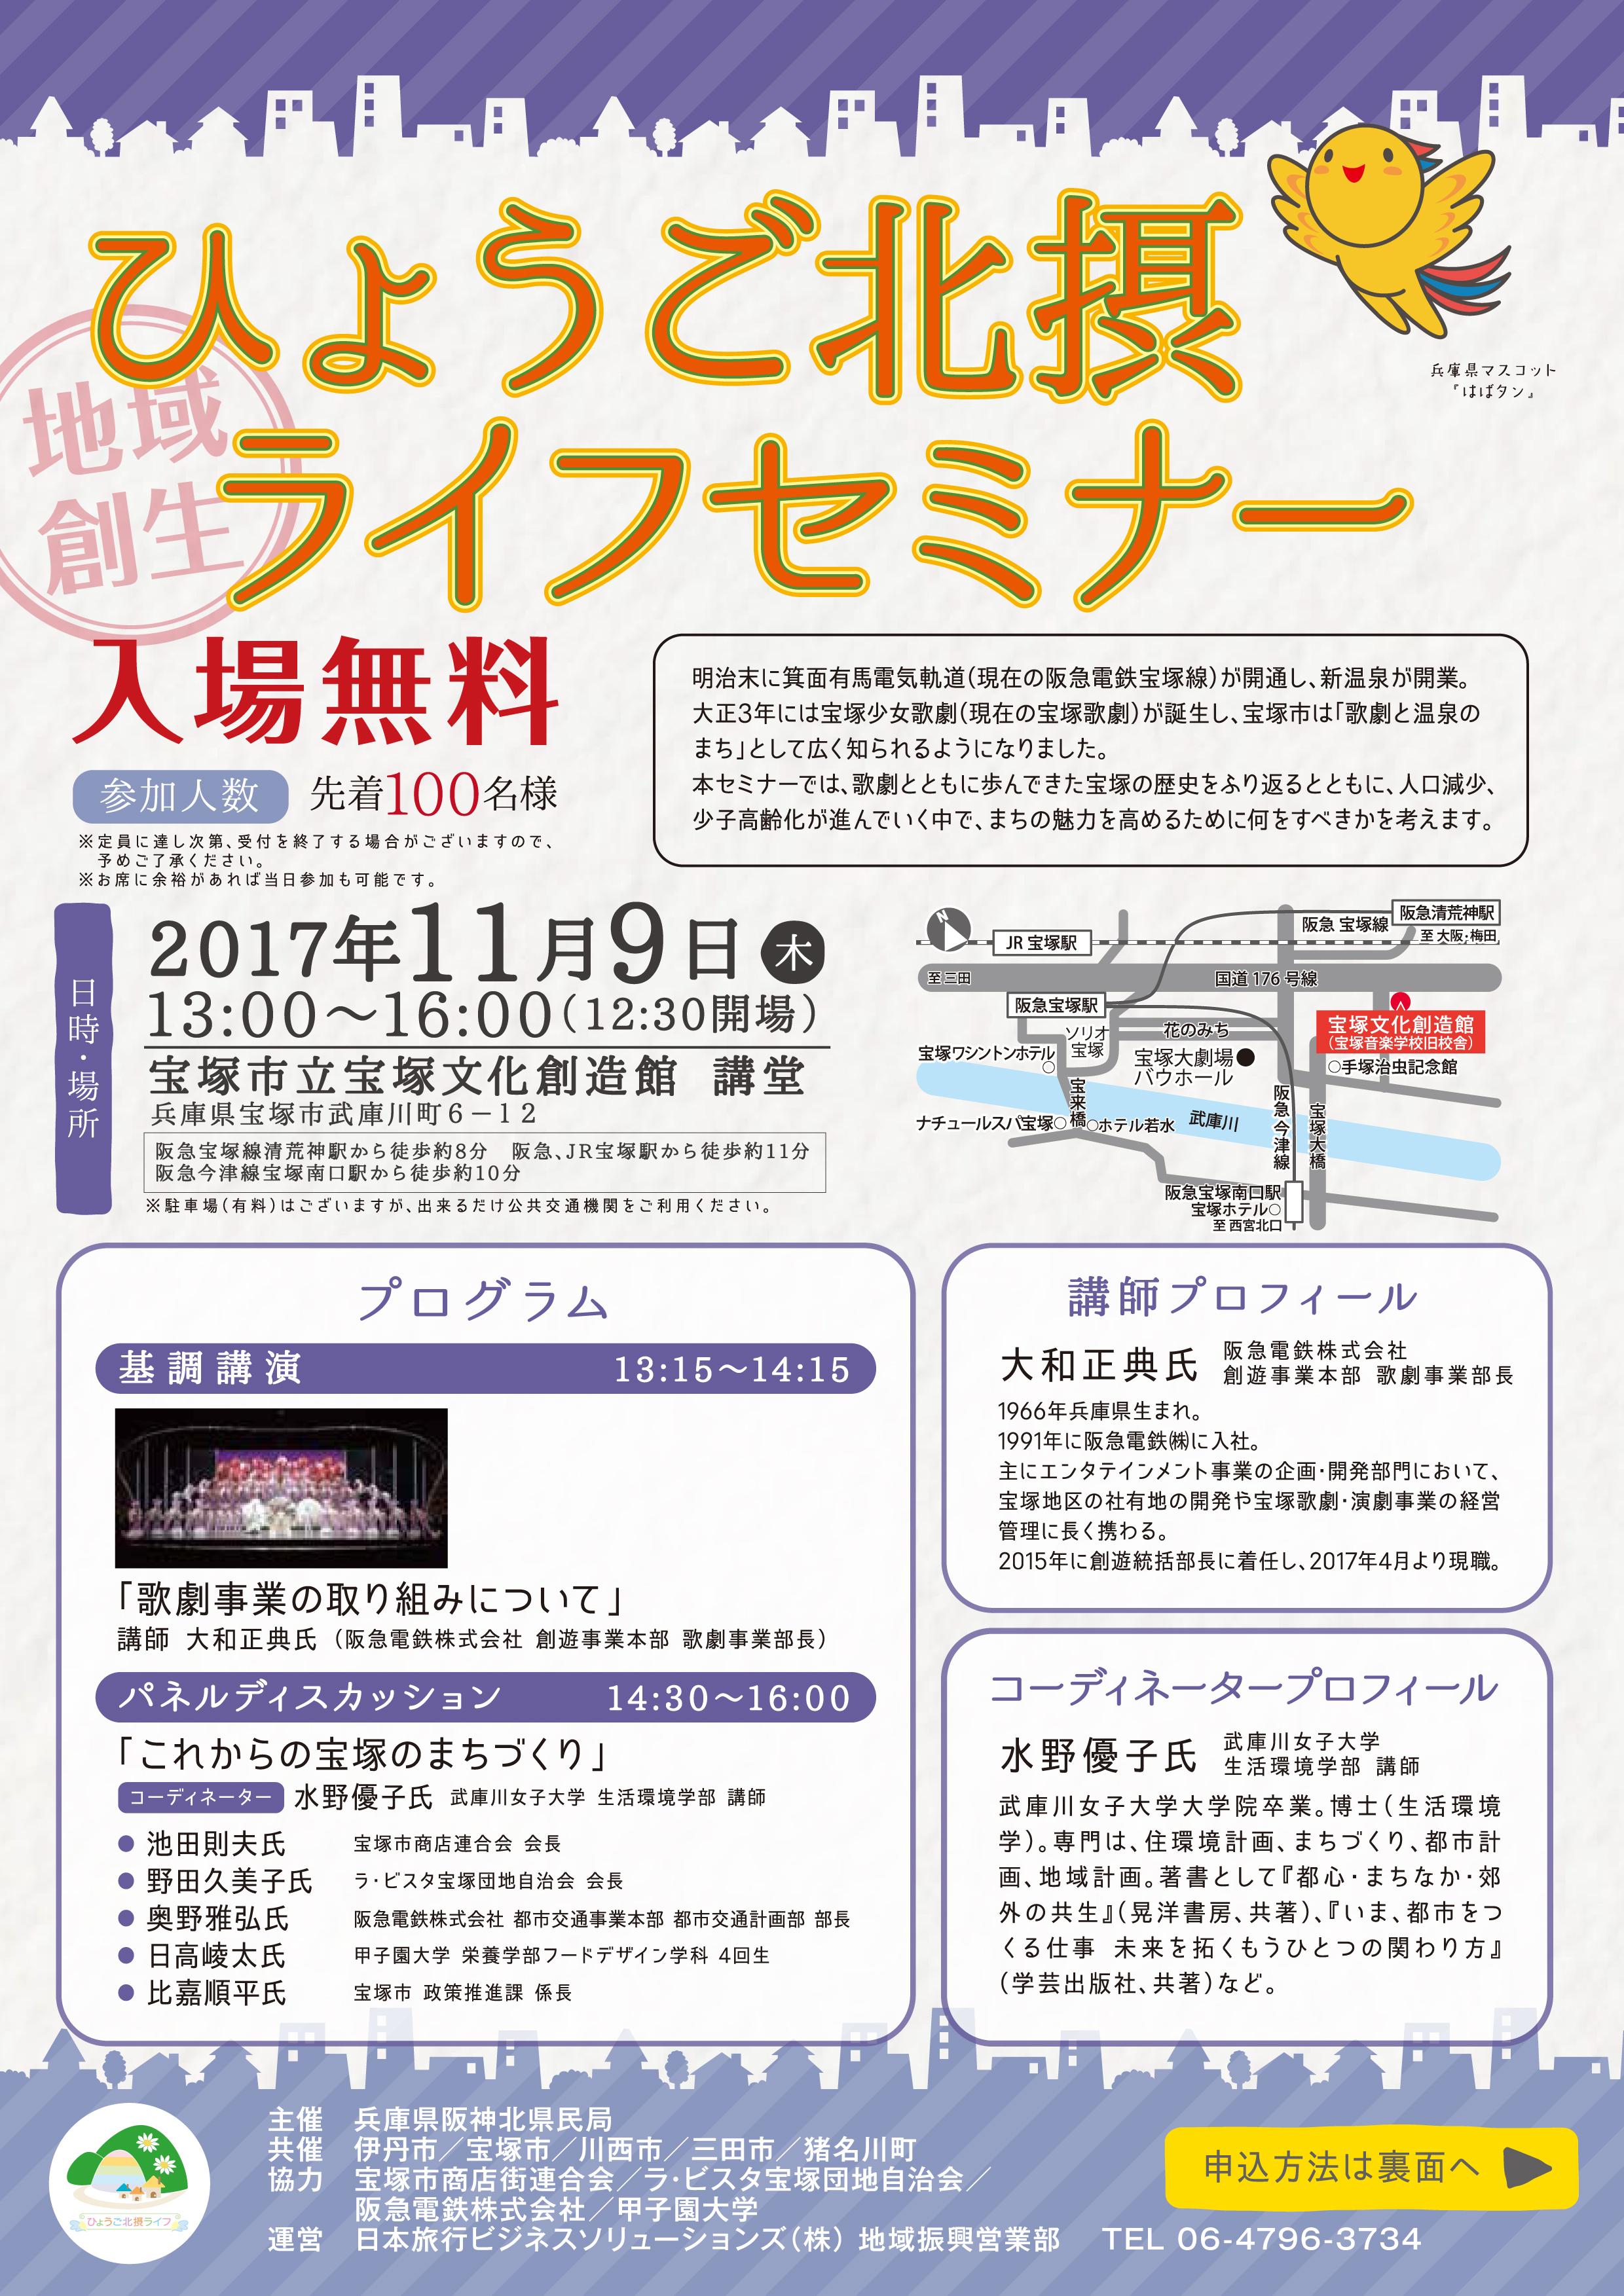 ひょうご北摂ライフセミナーA4チラシ宝塚市-表o